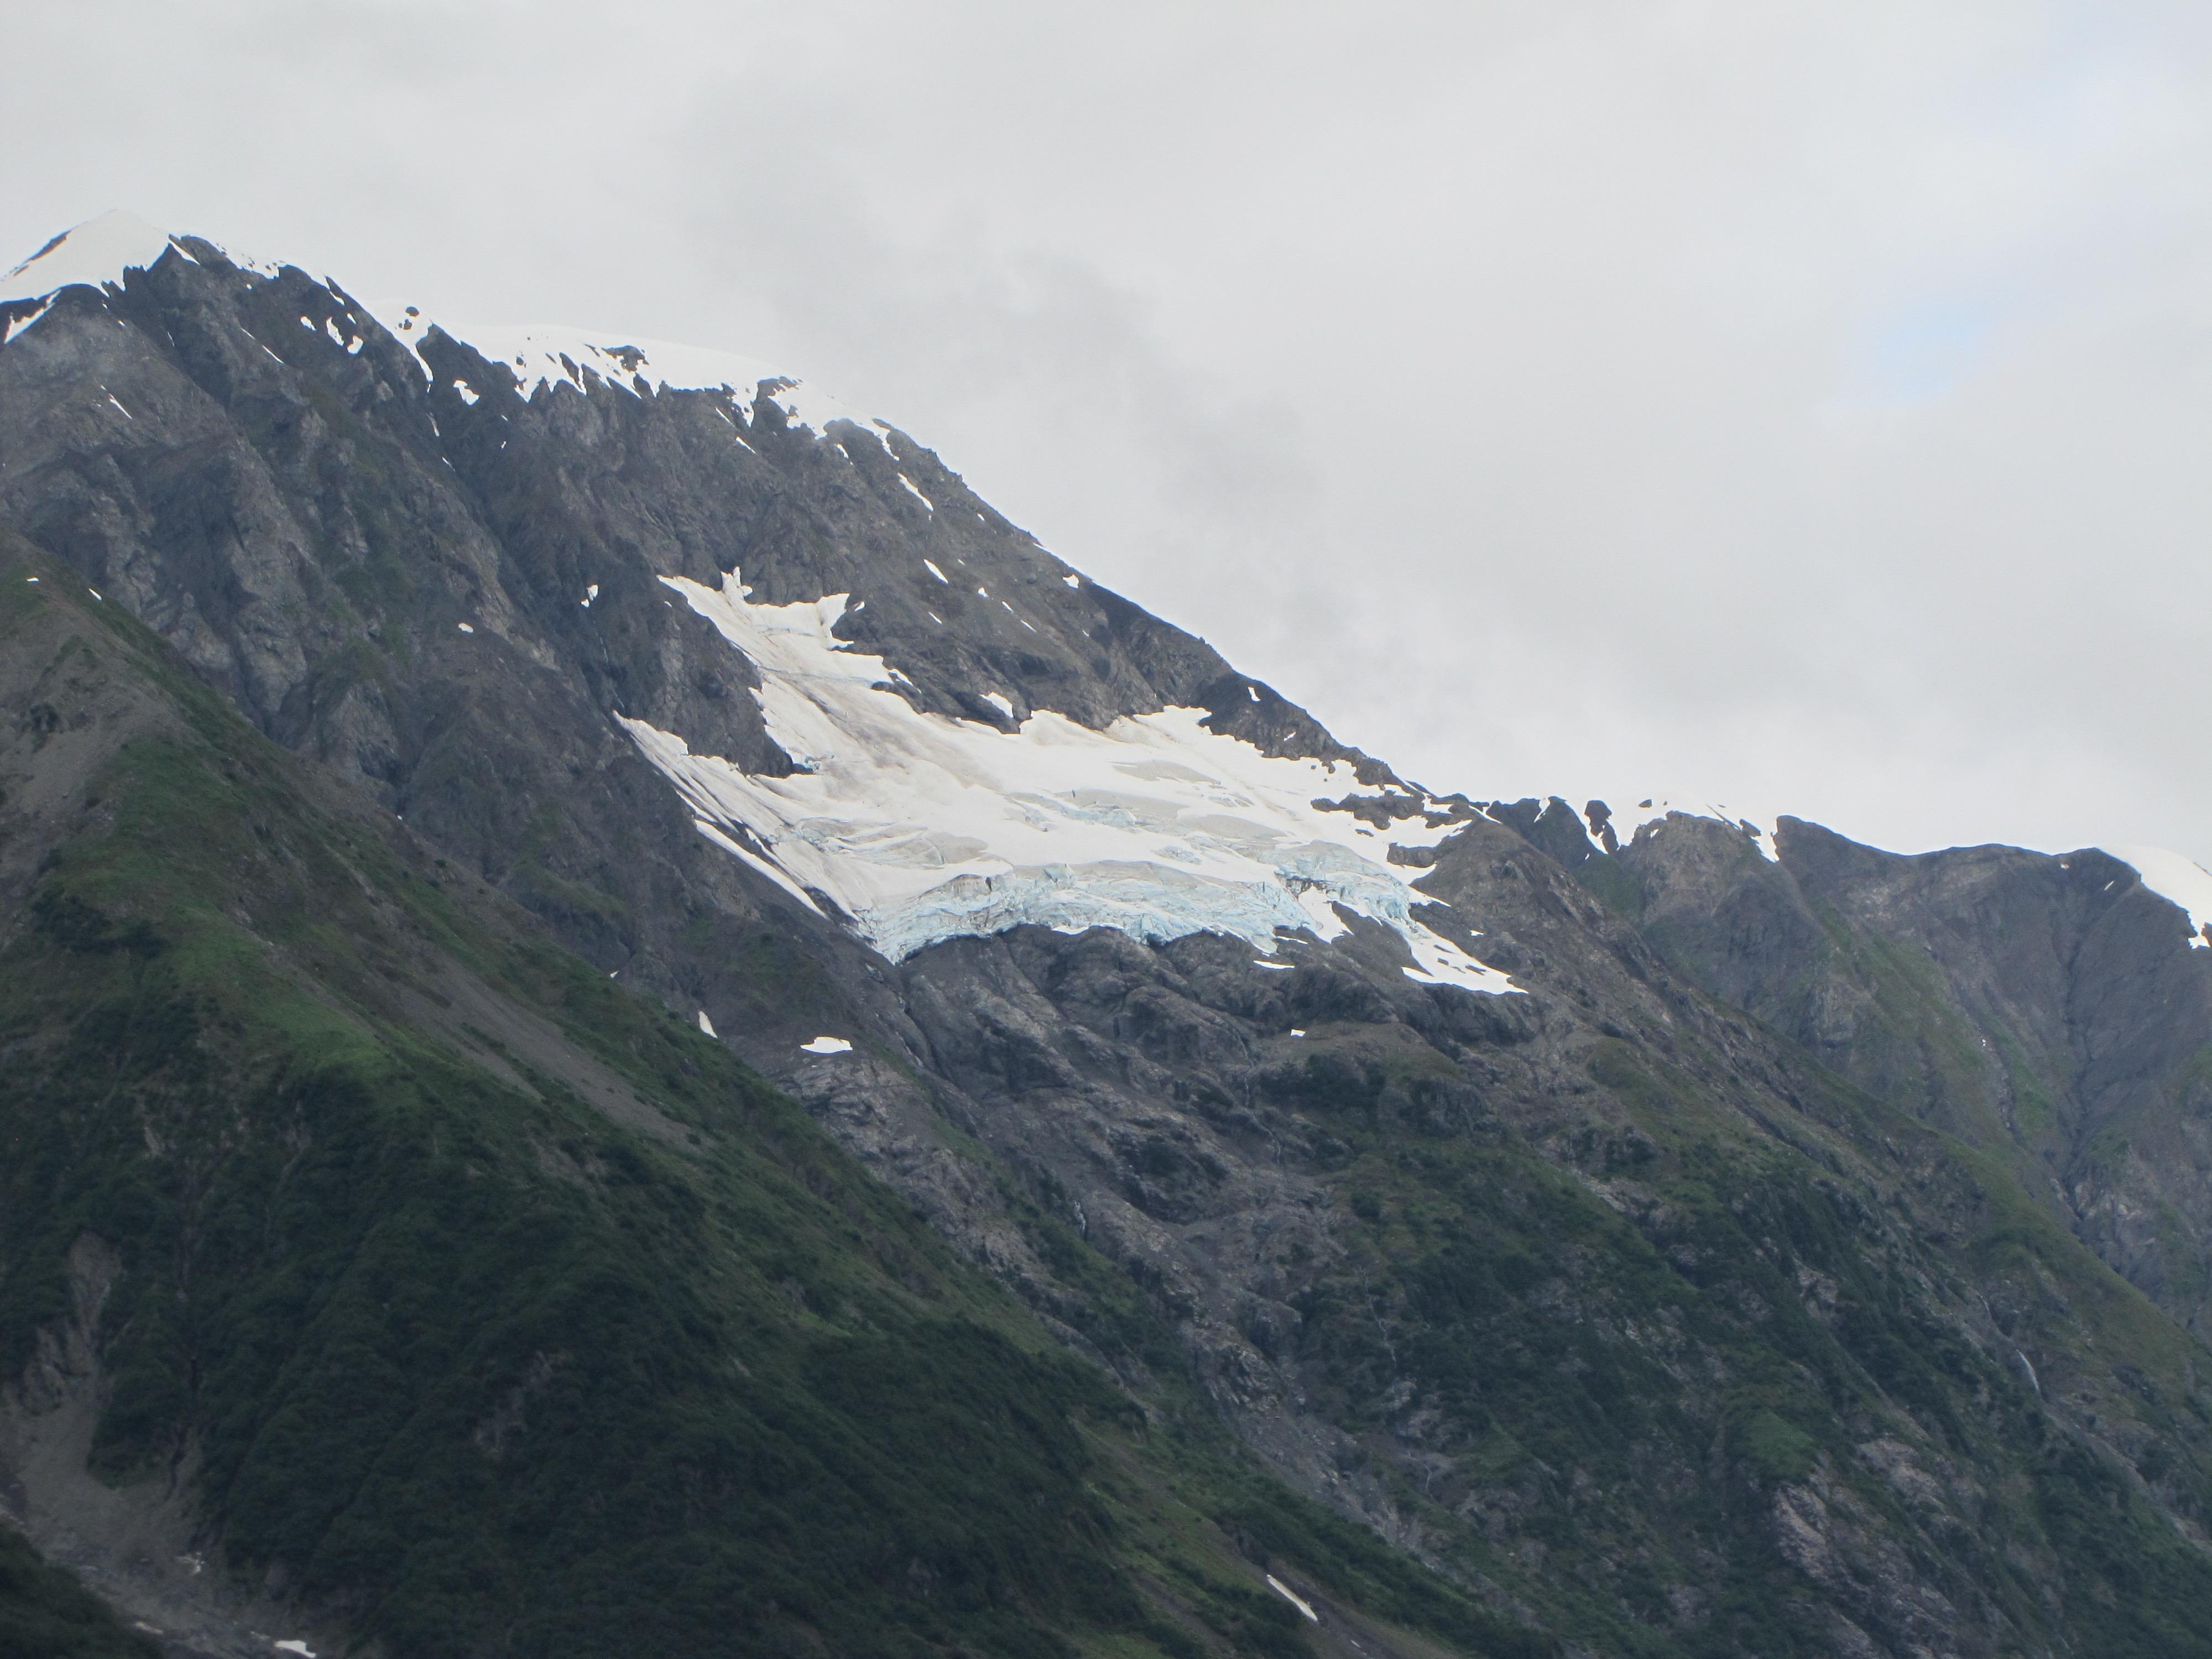 Mini-glacier